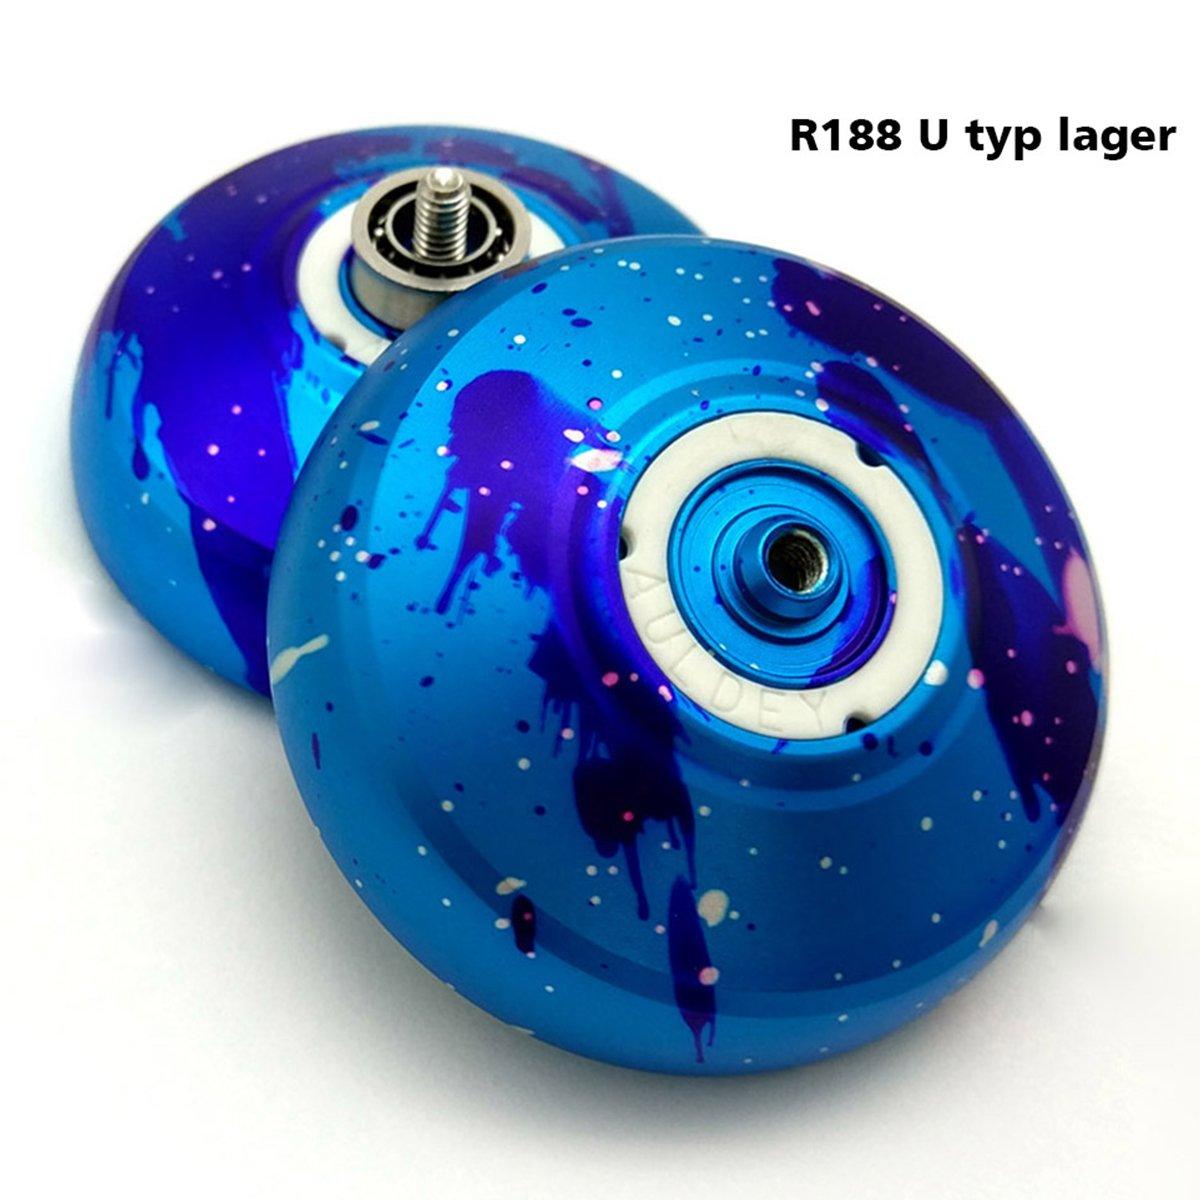 Professional Aluminum Alloy Unresponsive Yoyo Ball for kids Toy+2 Yo Yo String+1 Yo Yo Glove +1 Yo Yo Bag